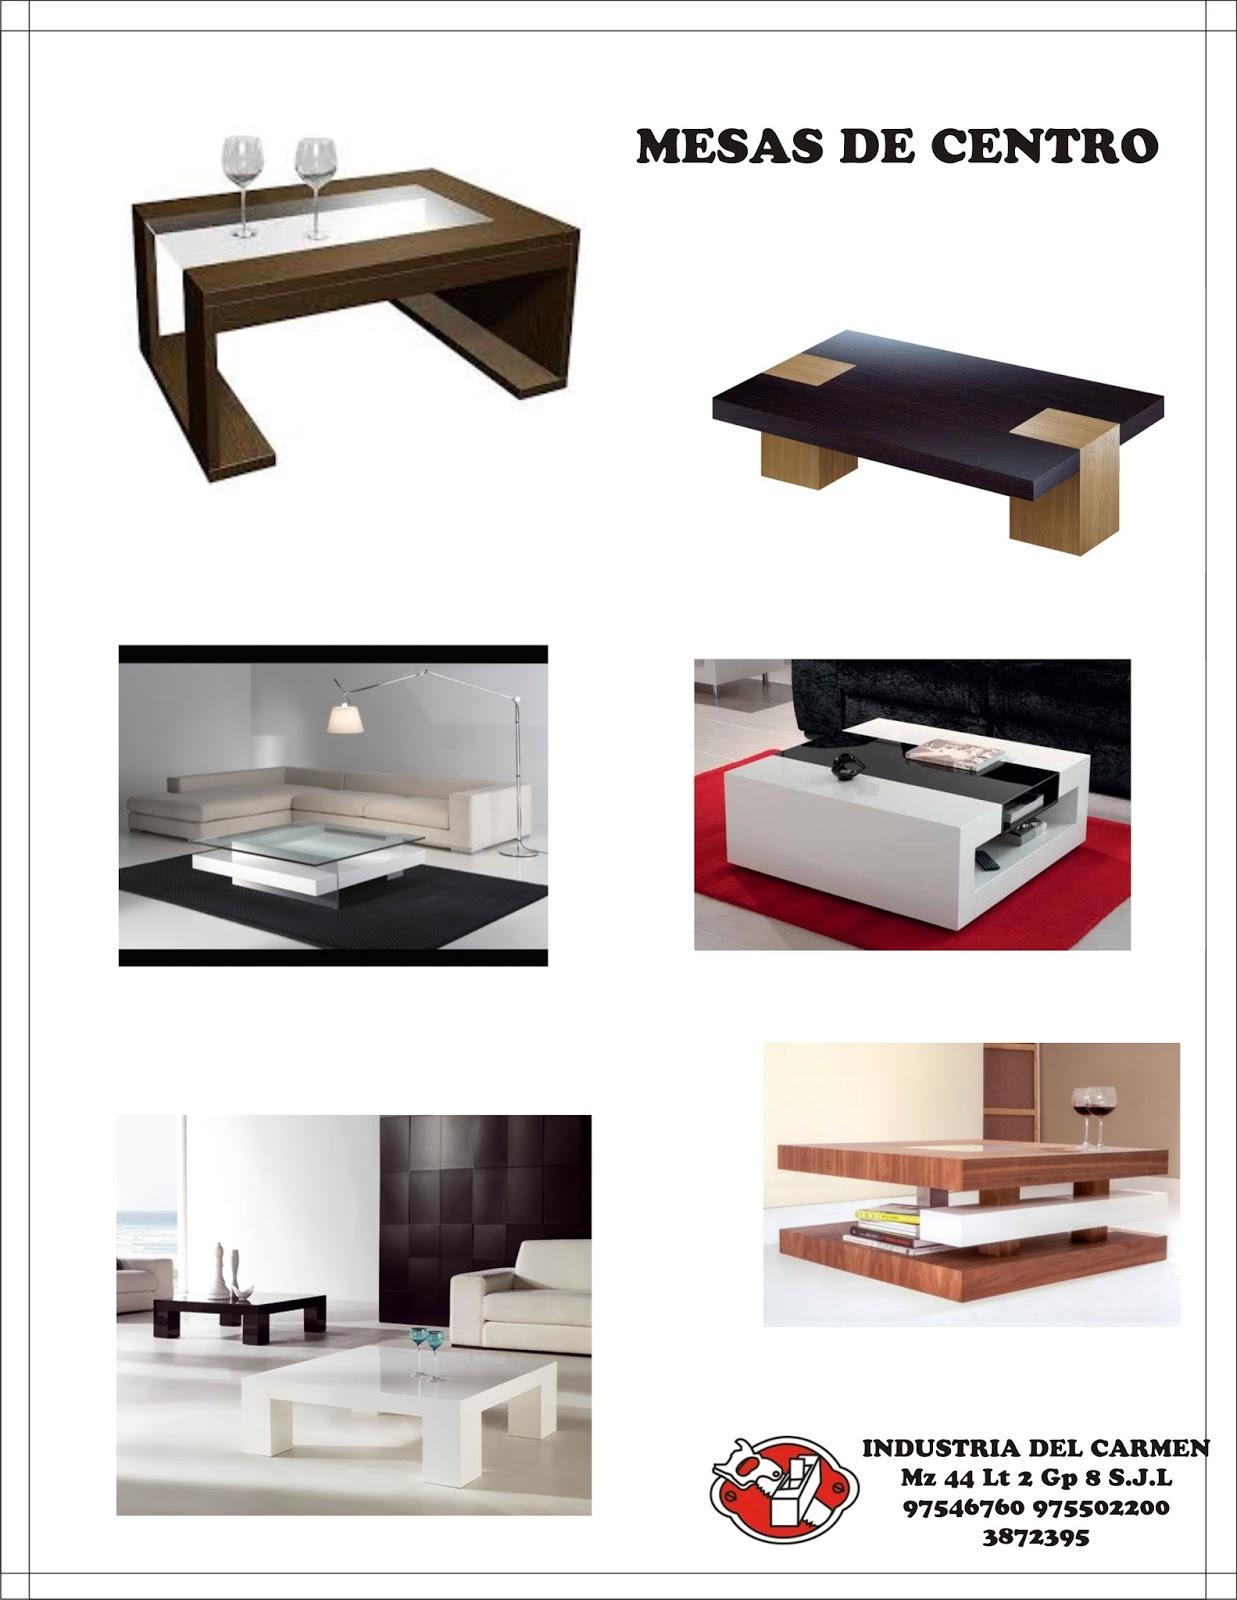 Fabrica de muebles de madera y melamine - Fabrica de muebles en madera ...